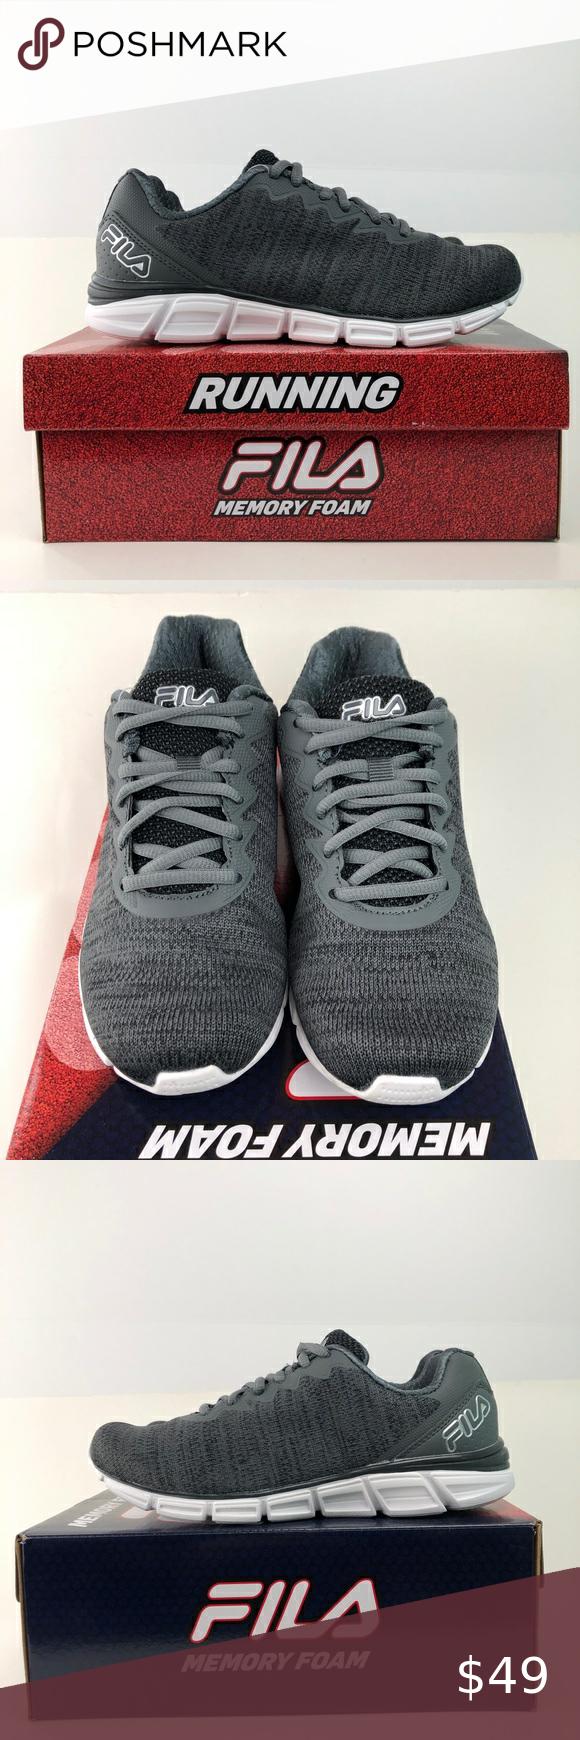 NEW Fila Upsurge Shoes Many Sizes in